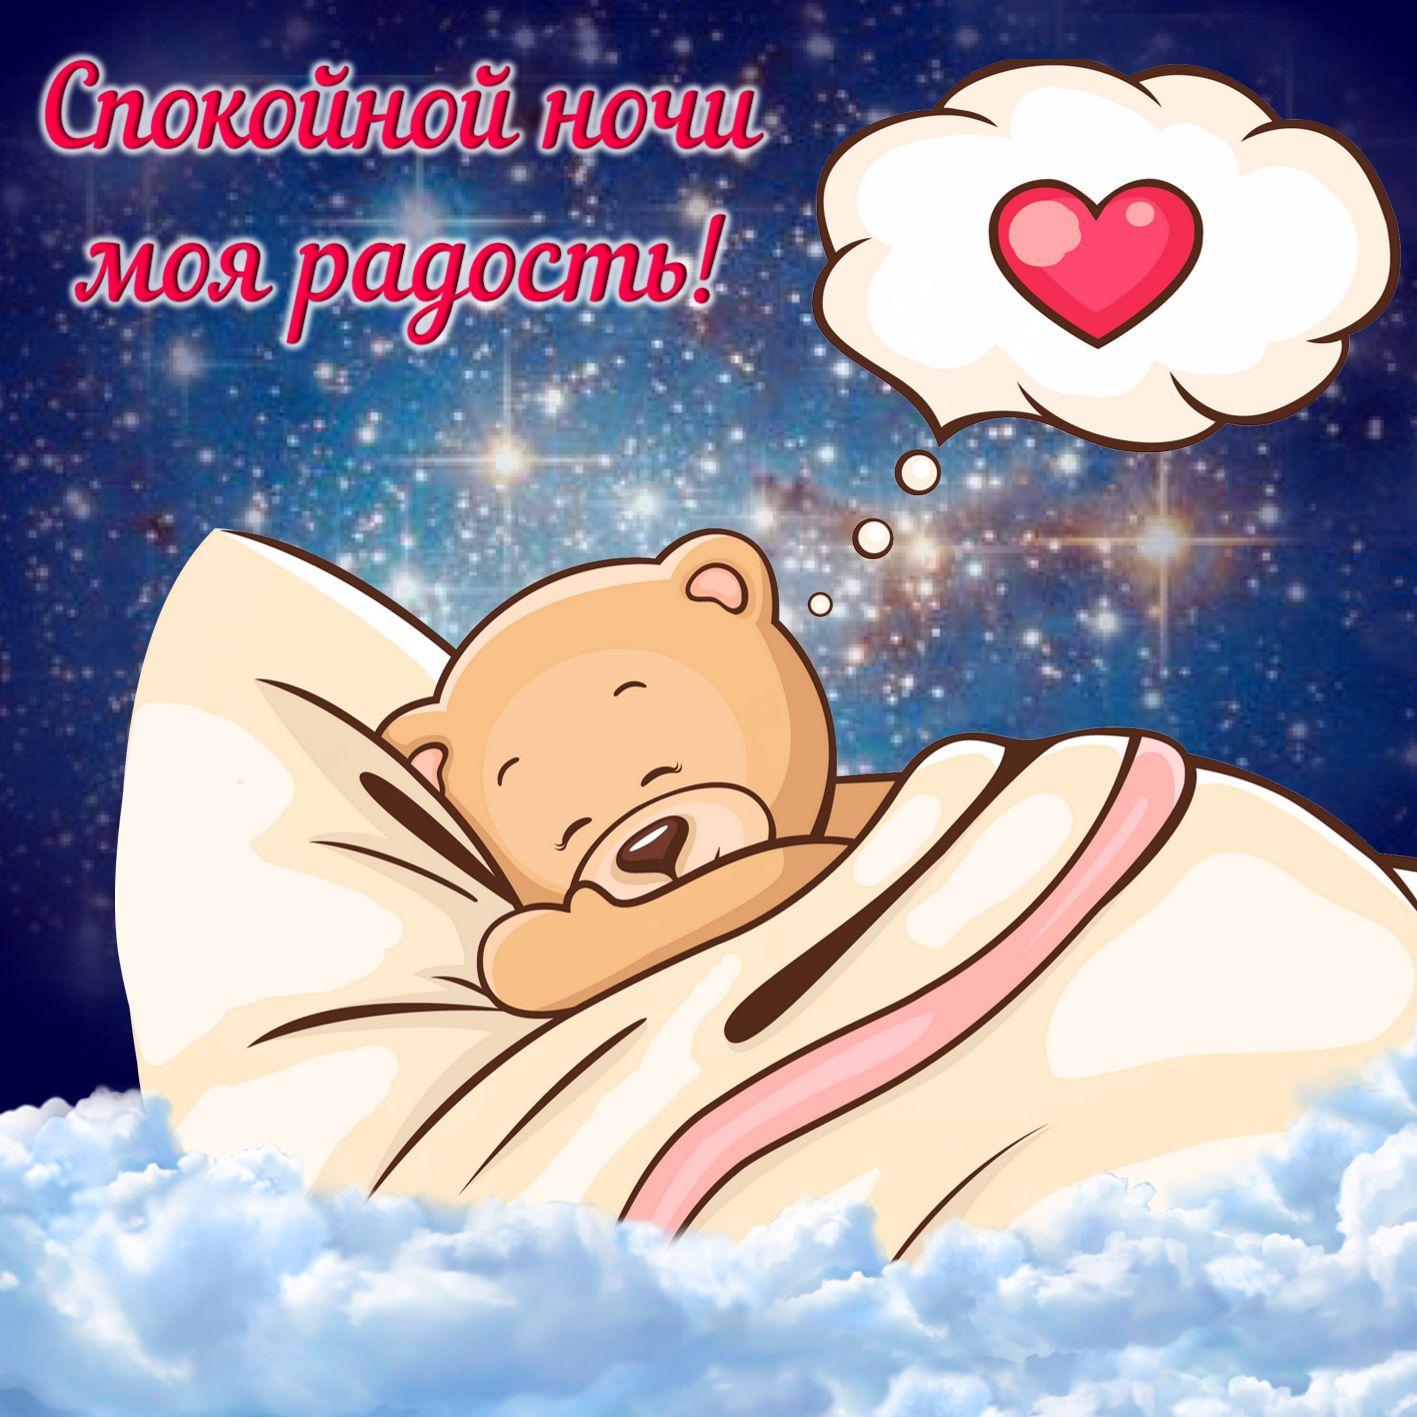 Днем рождения, открытки спокойной ночи дочка